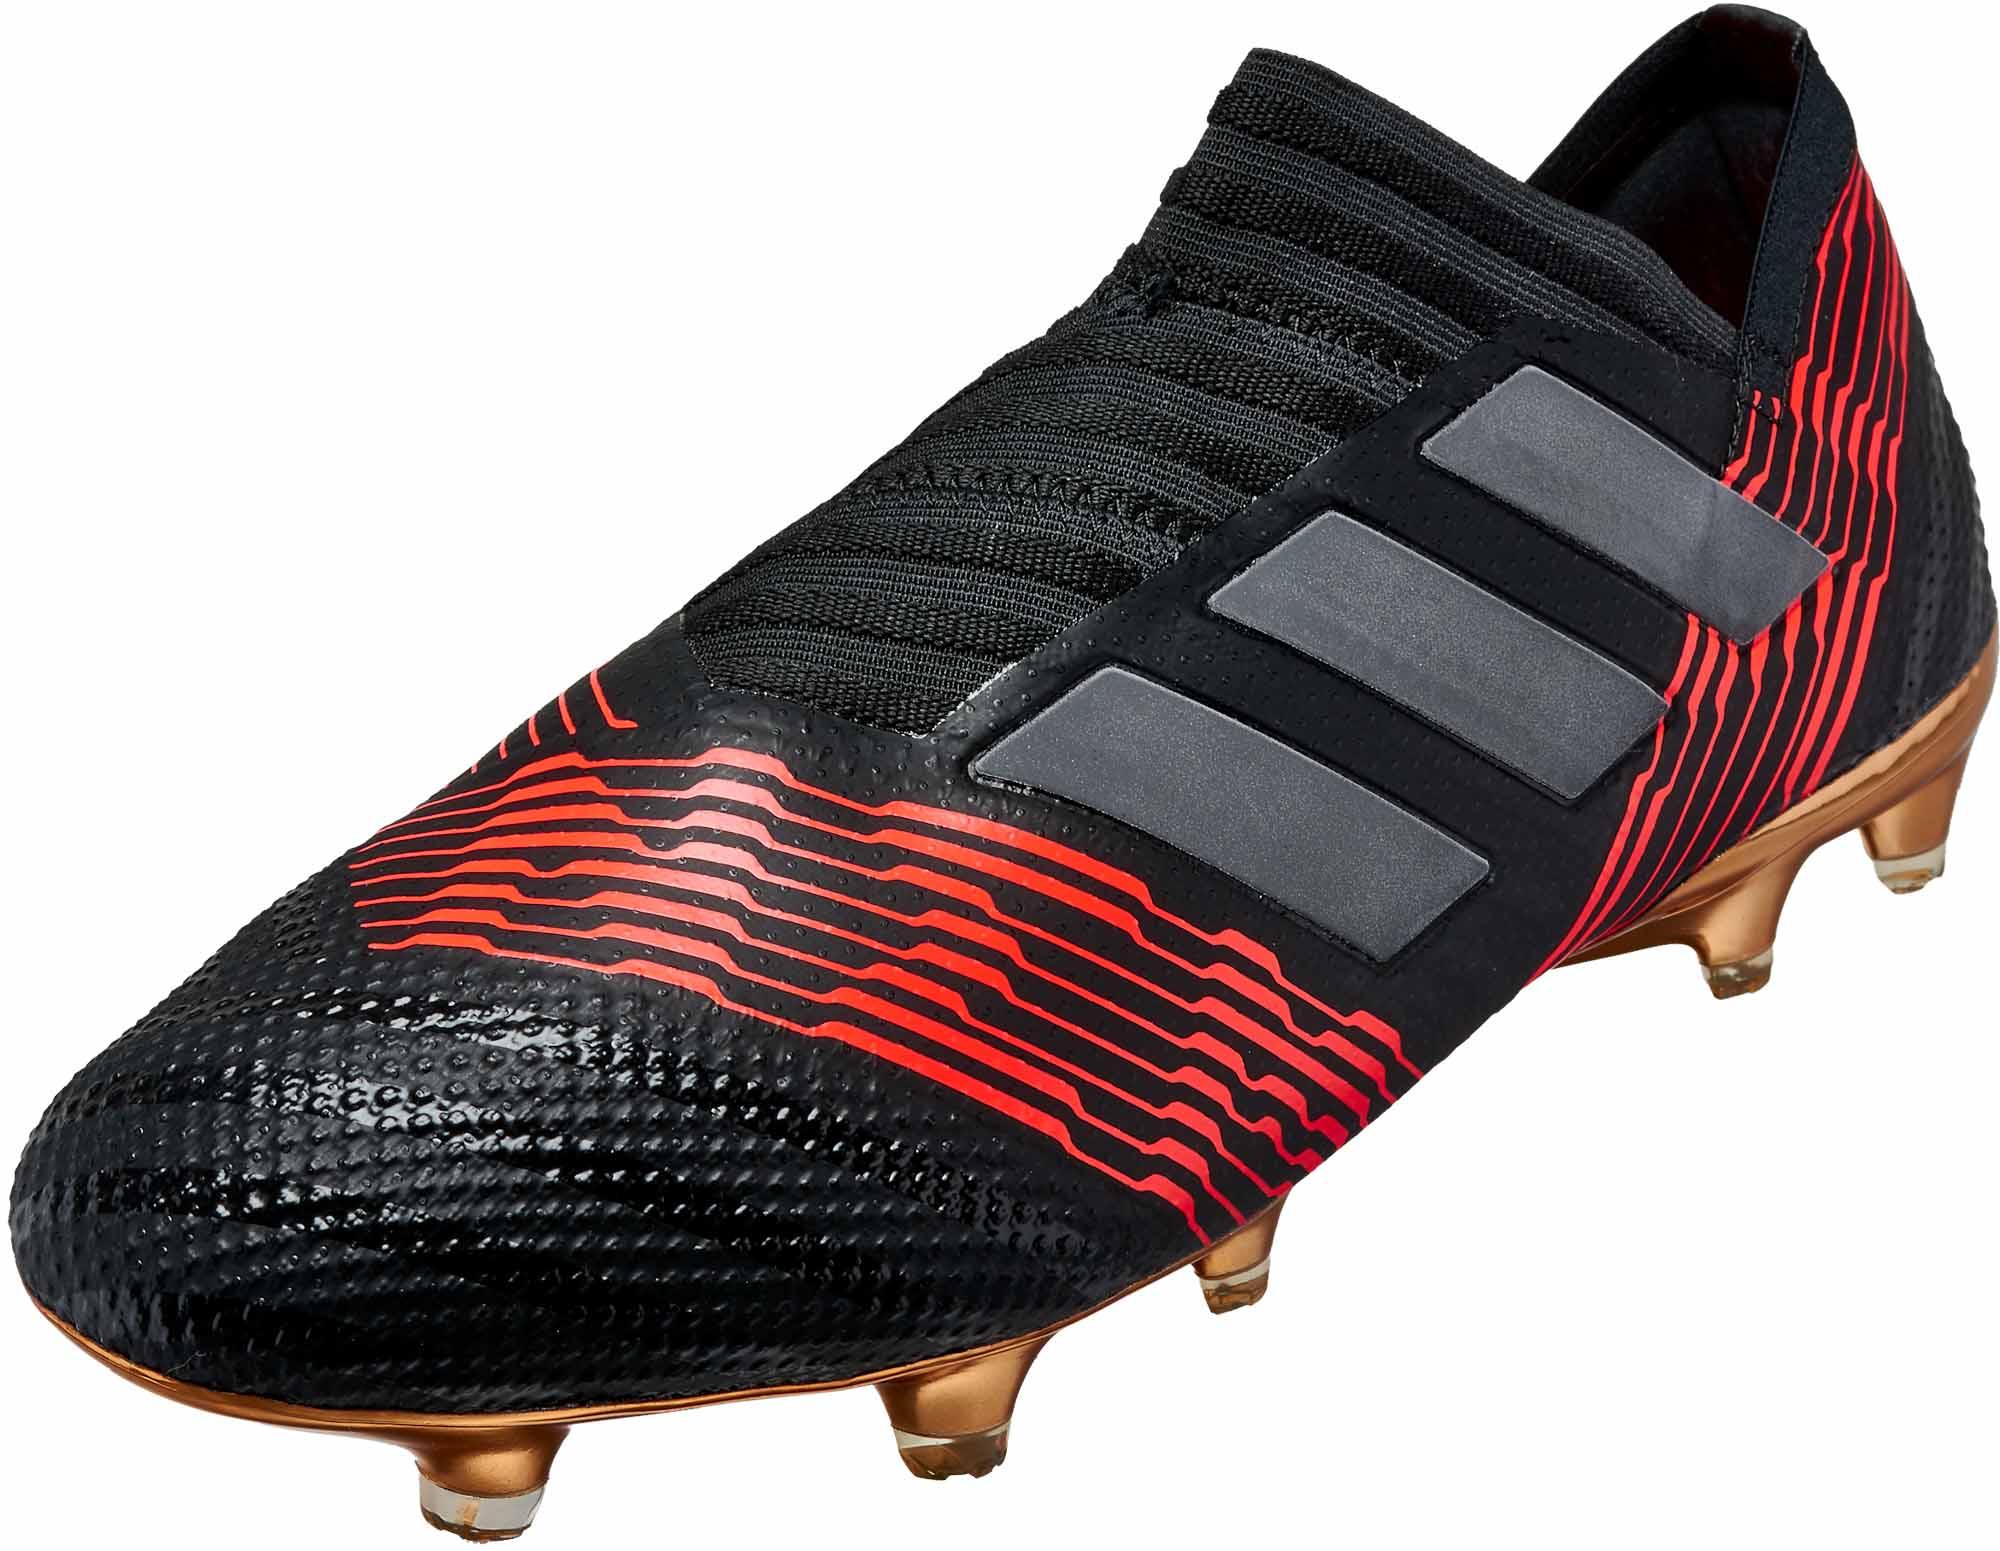 4b450da871bc adidas Nemeziz 17+ 360agility FG - Black   Solar Red - Soccer Master